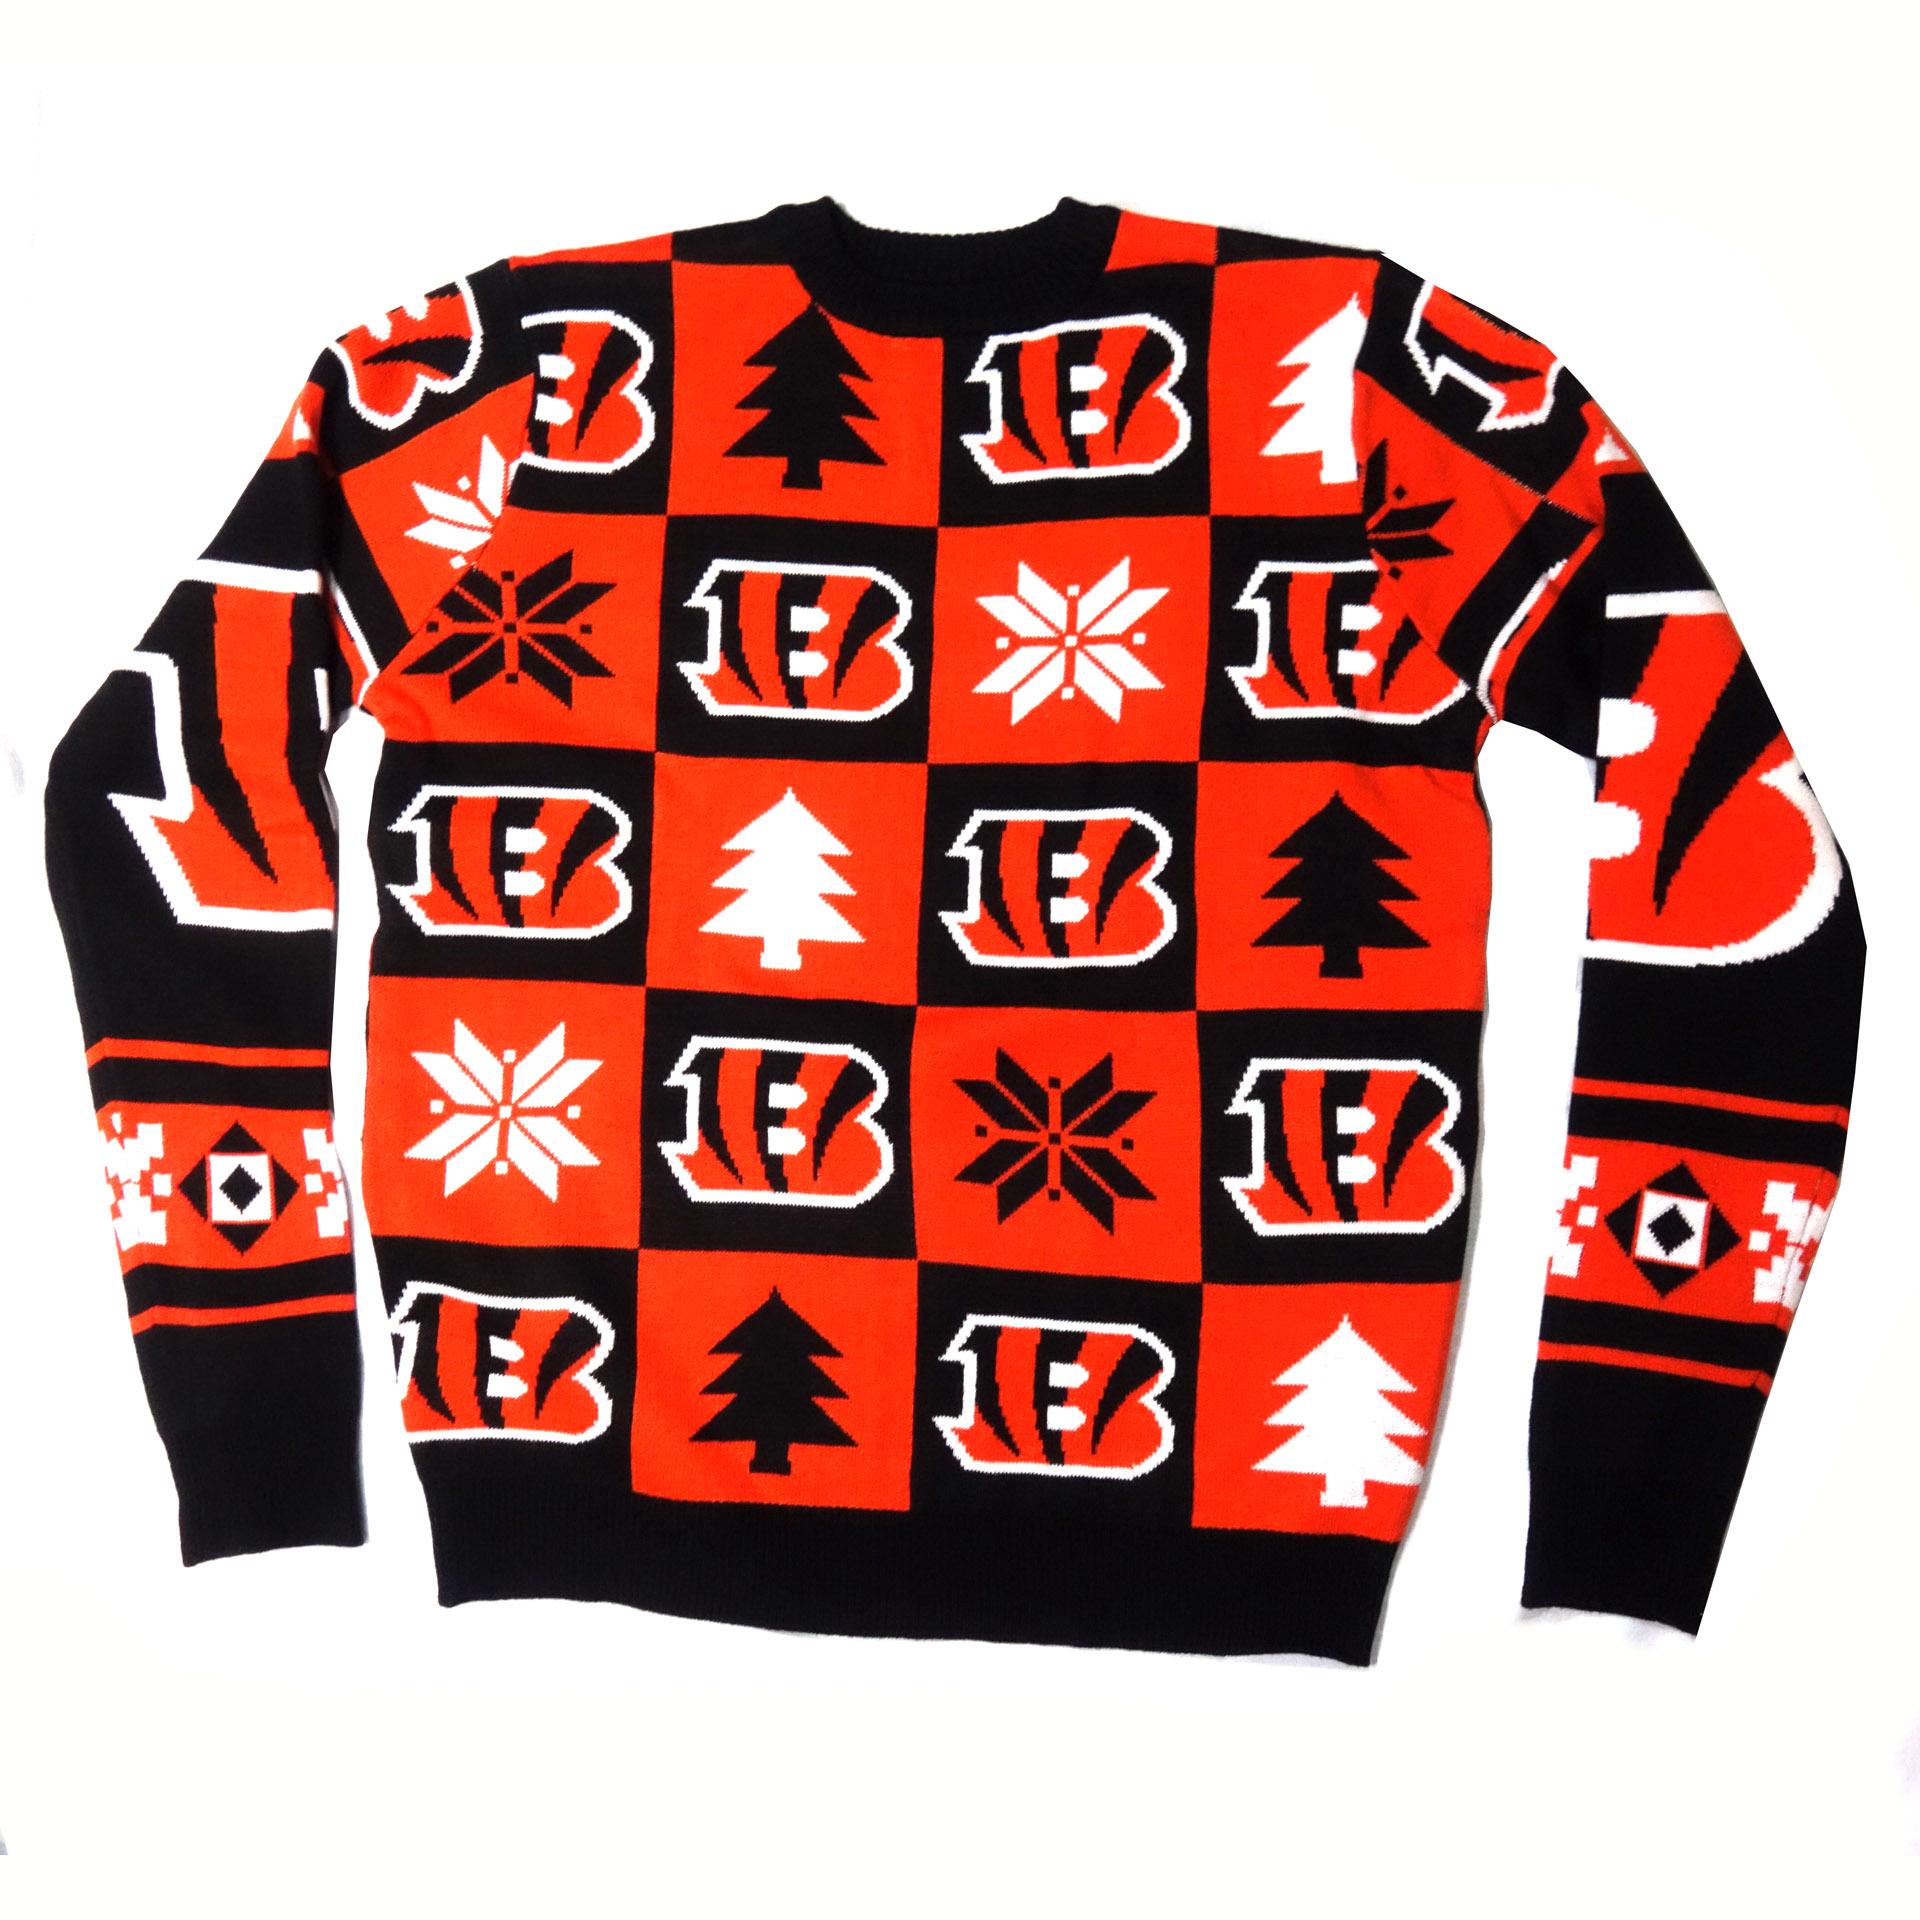 NFL Ugly Sweater Cincinnati Bengals Schachbrettmuster Weihnachtspullover